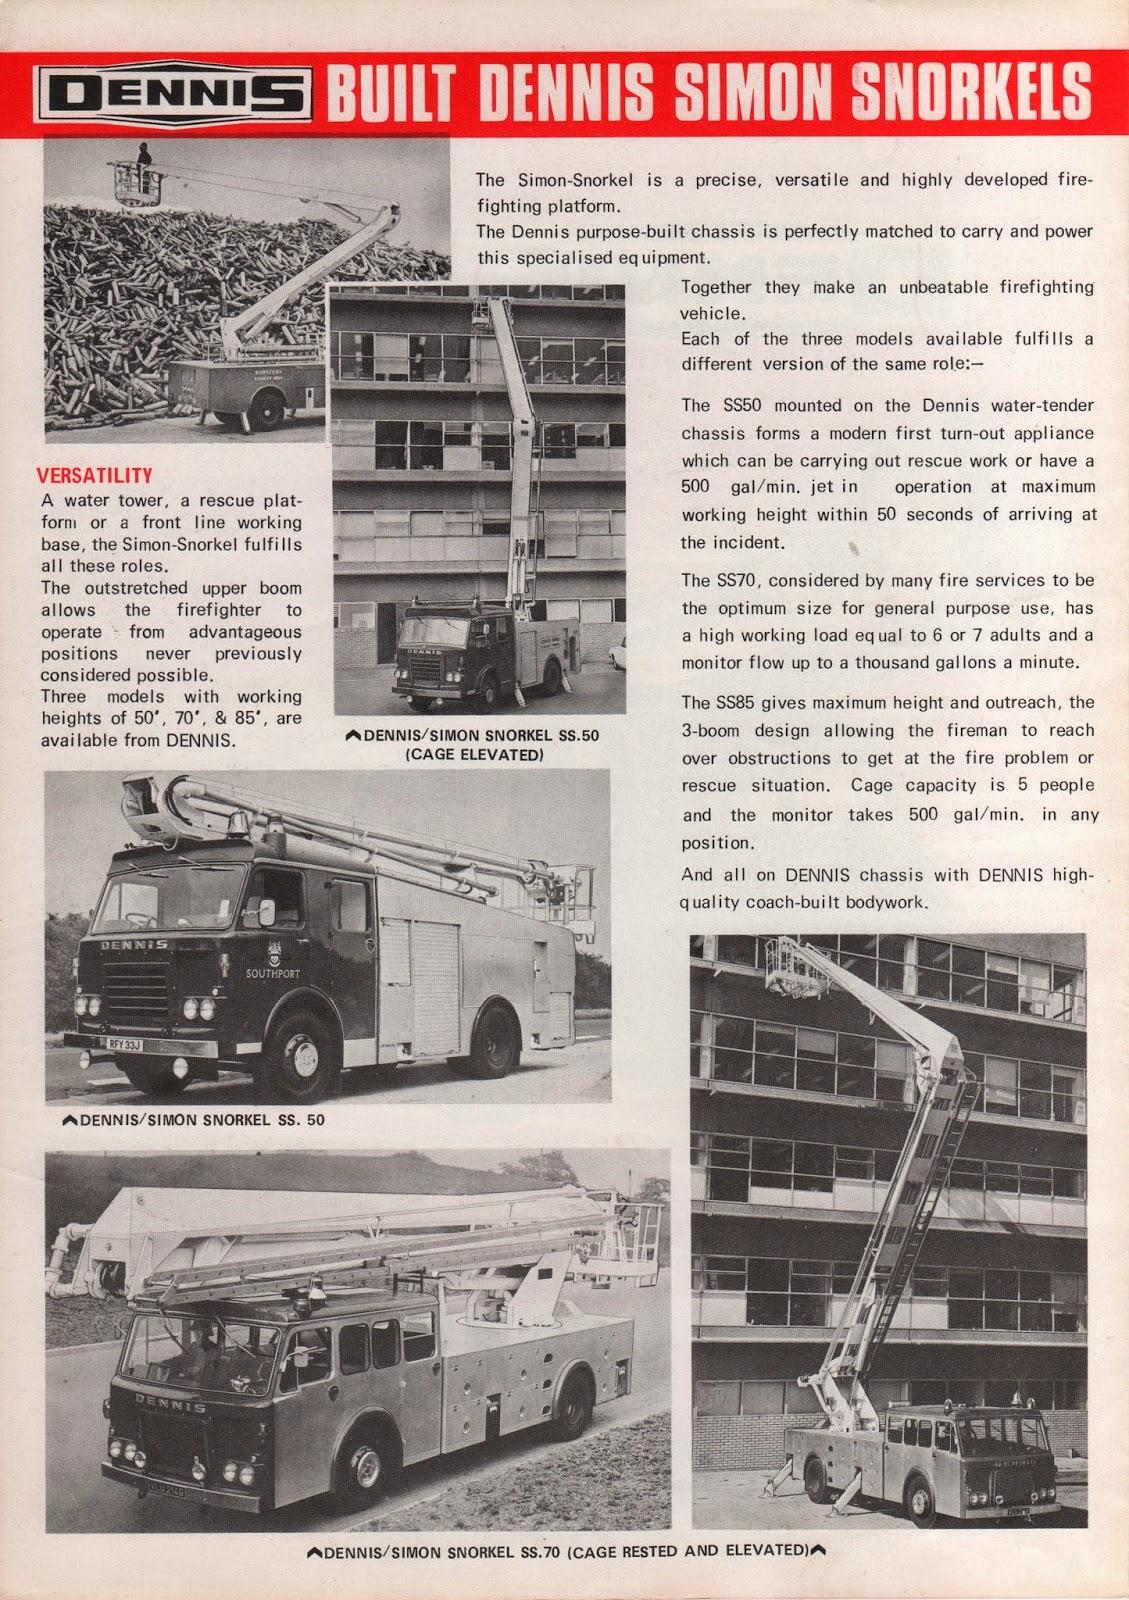 camions de bombers  dennis